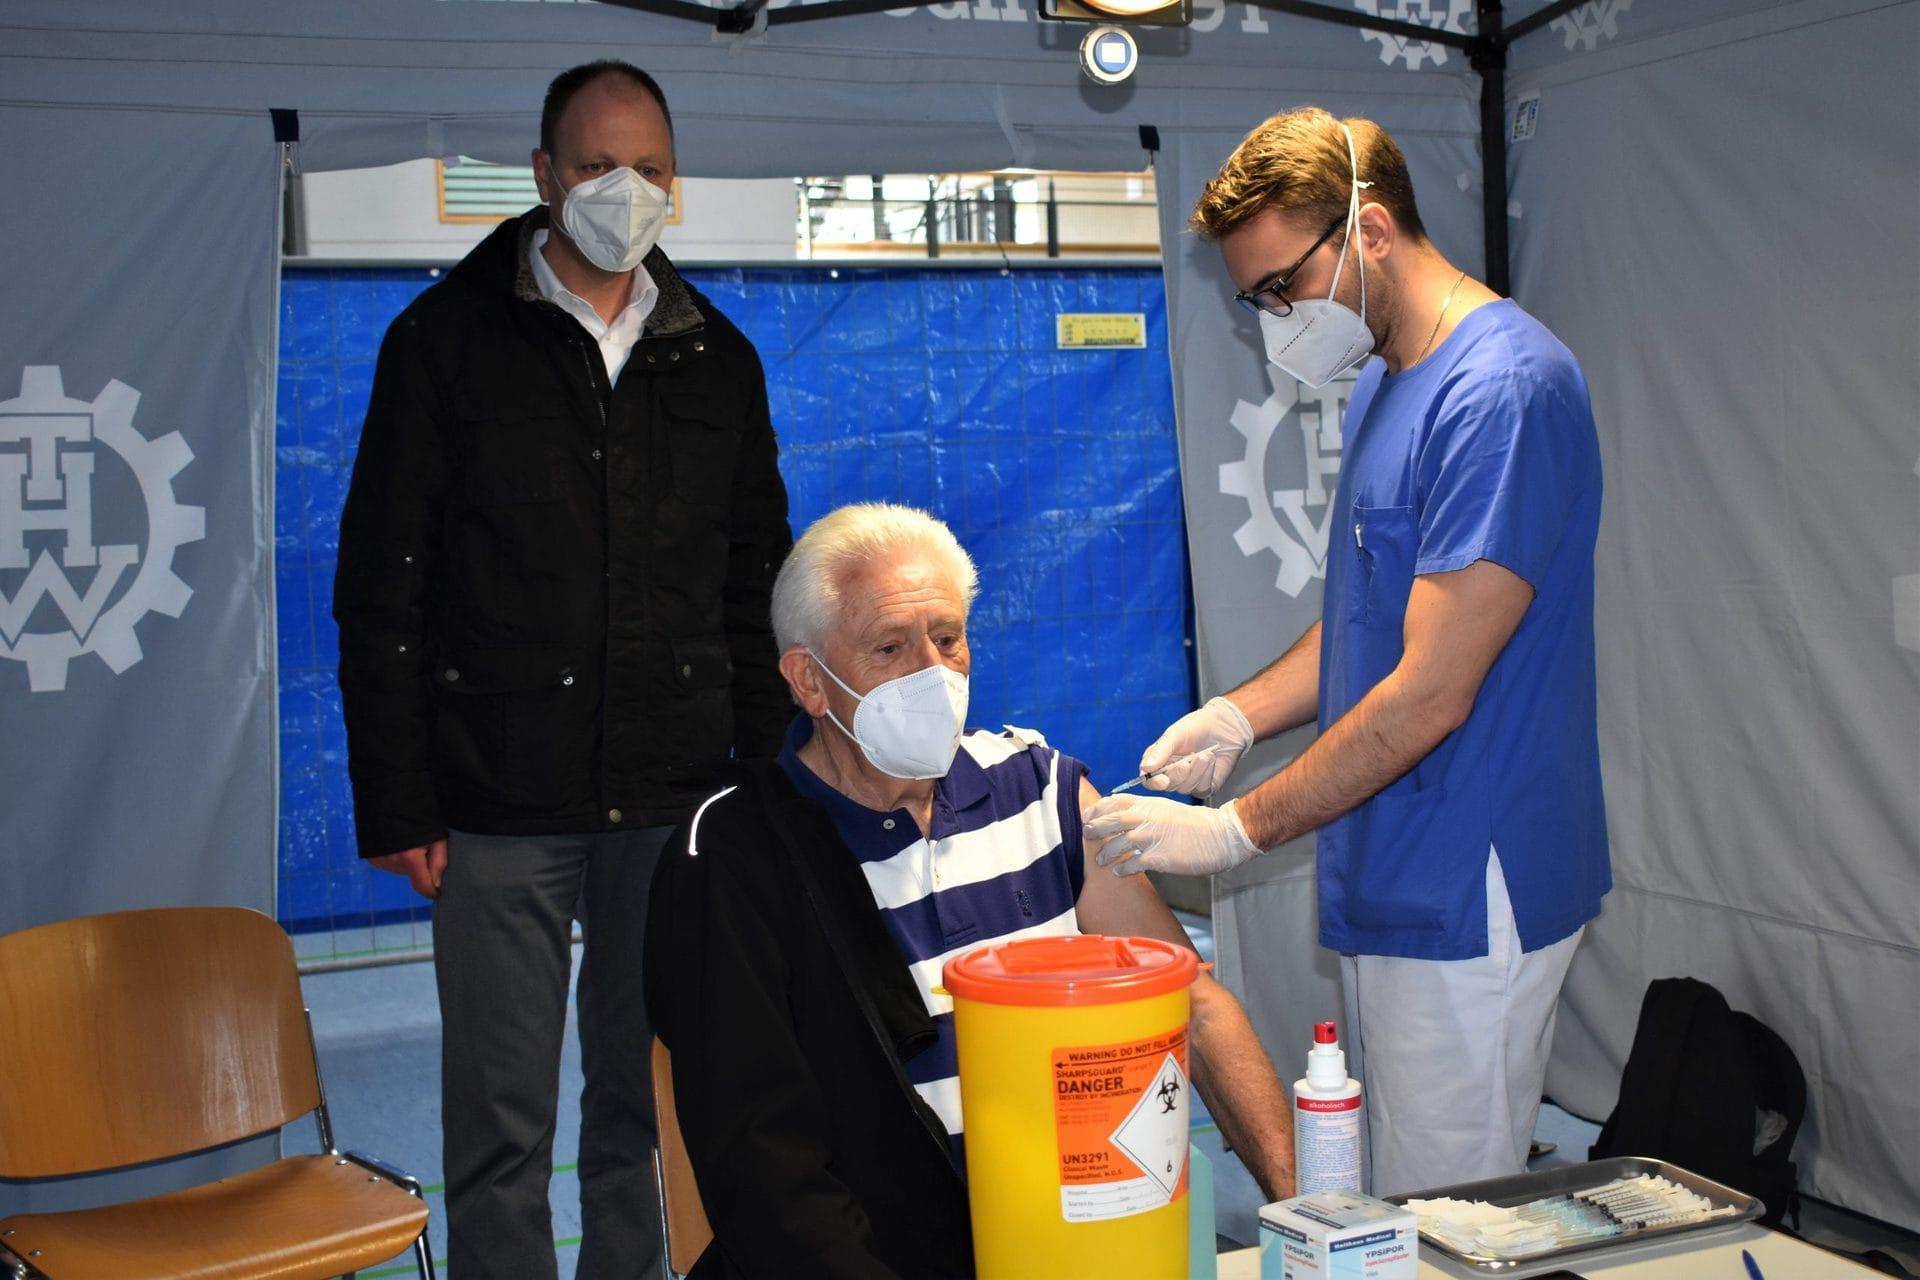 Über 80-Jährige in Lappersdorf geimpft Rund 250 über 80-Jährige haben sich gegen das Corona-Virus impfen lassen. Die zweite Impfung findet in vier Wochen statt.